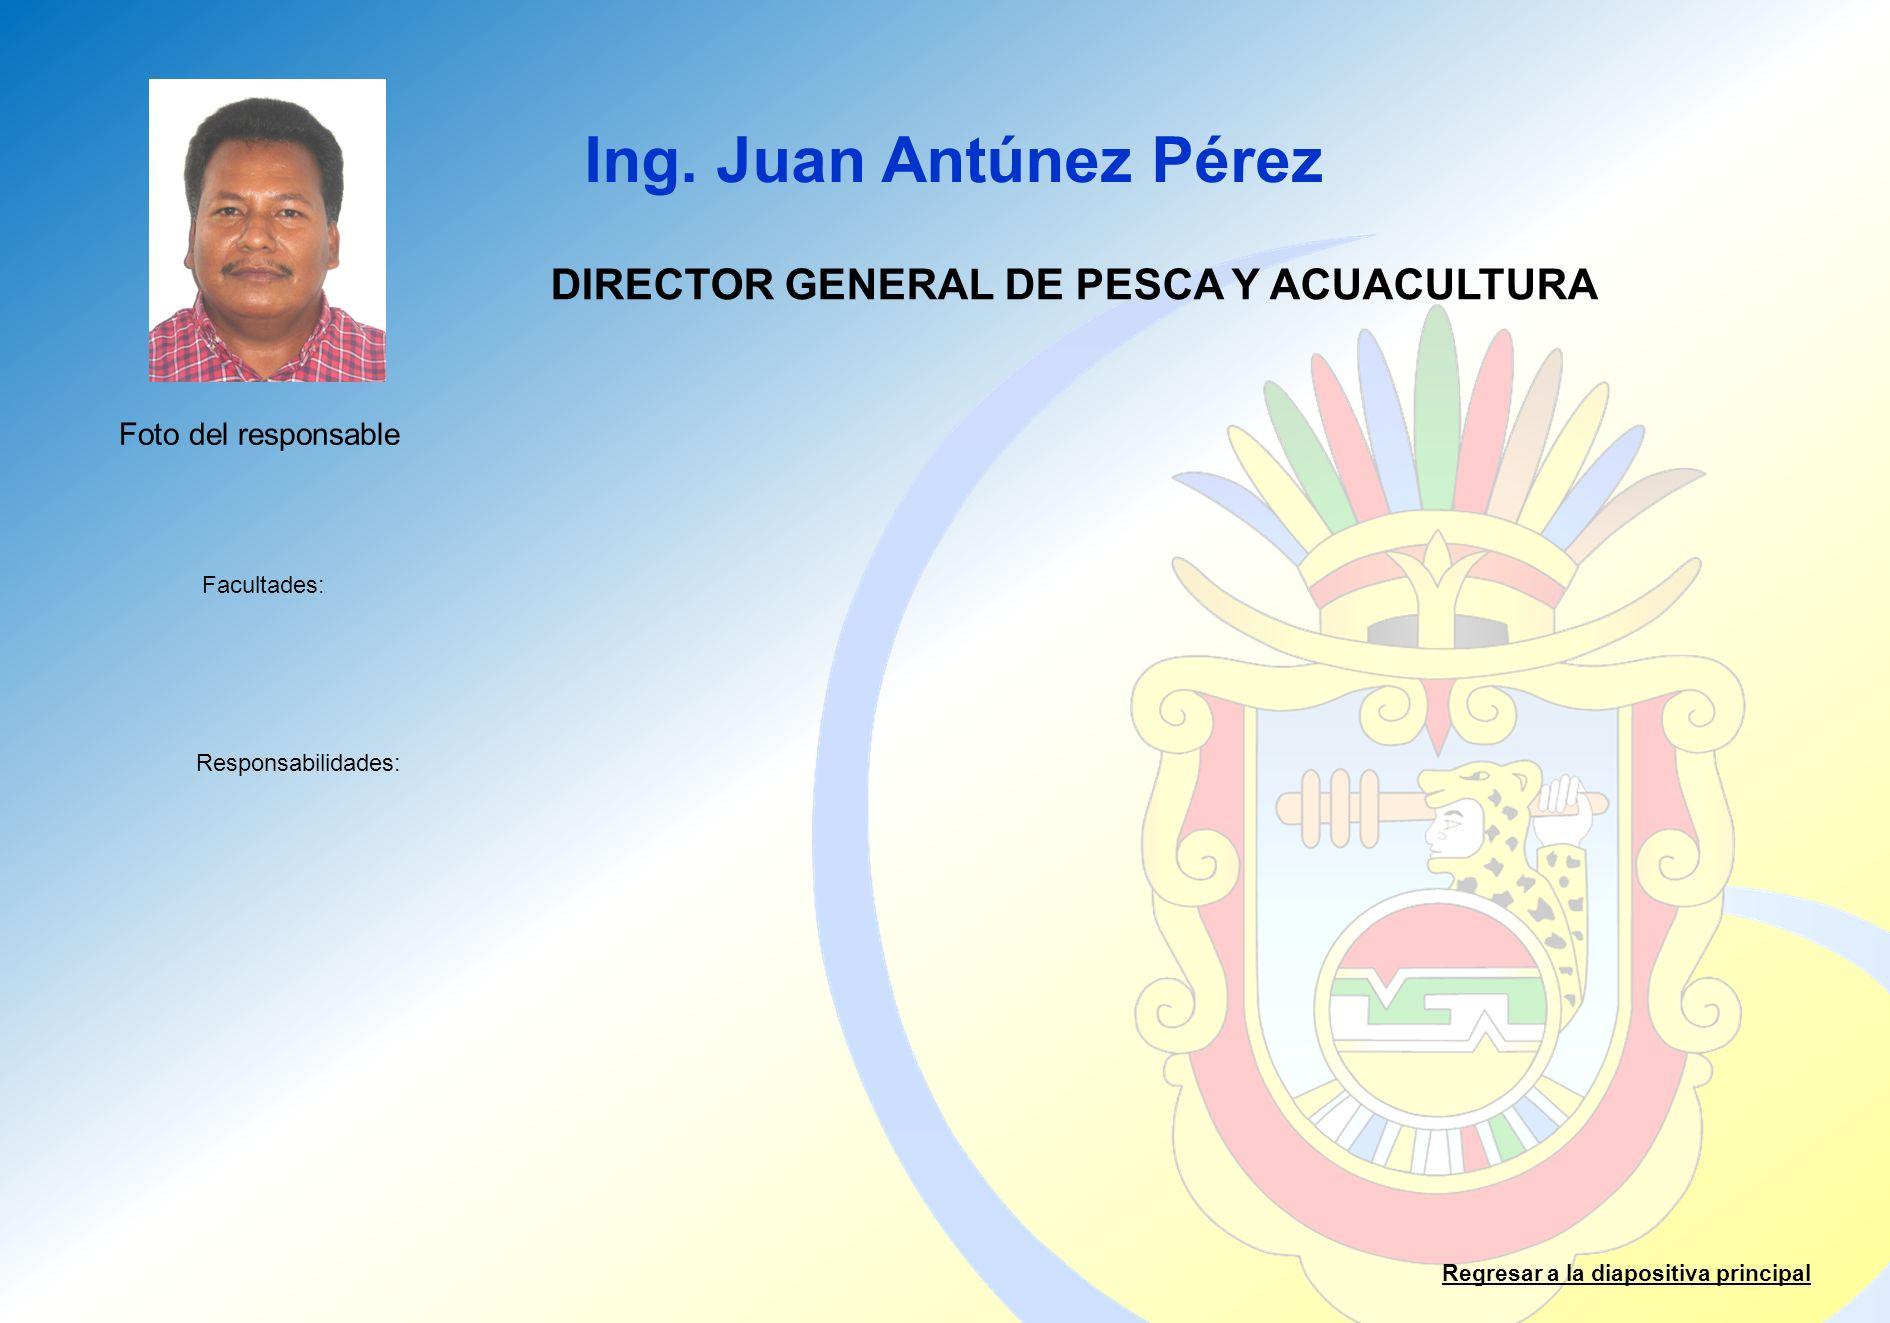 DIRECTOR GENERAL DE PESCA Y ACUACULTURA